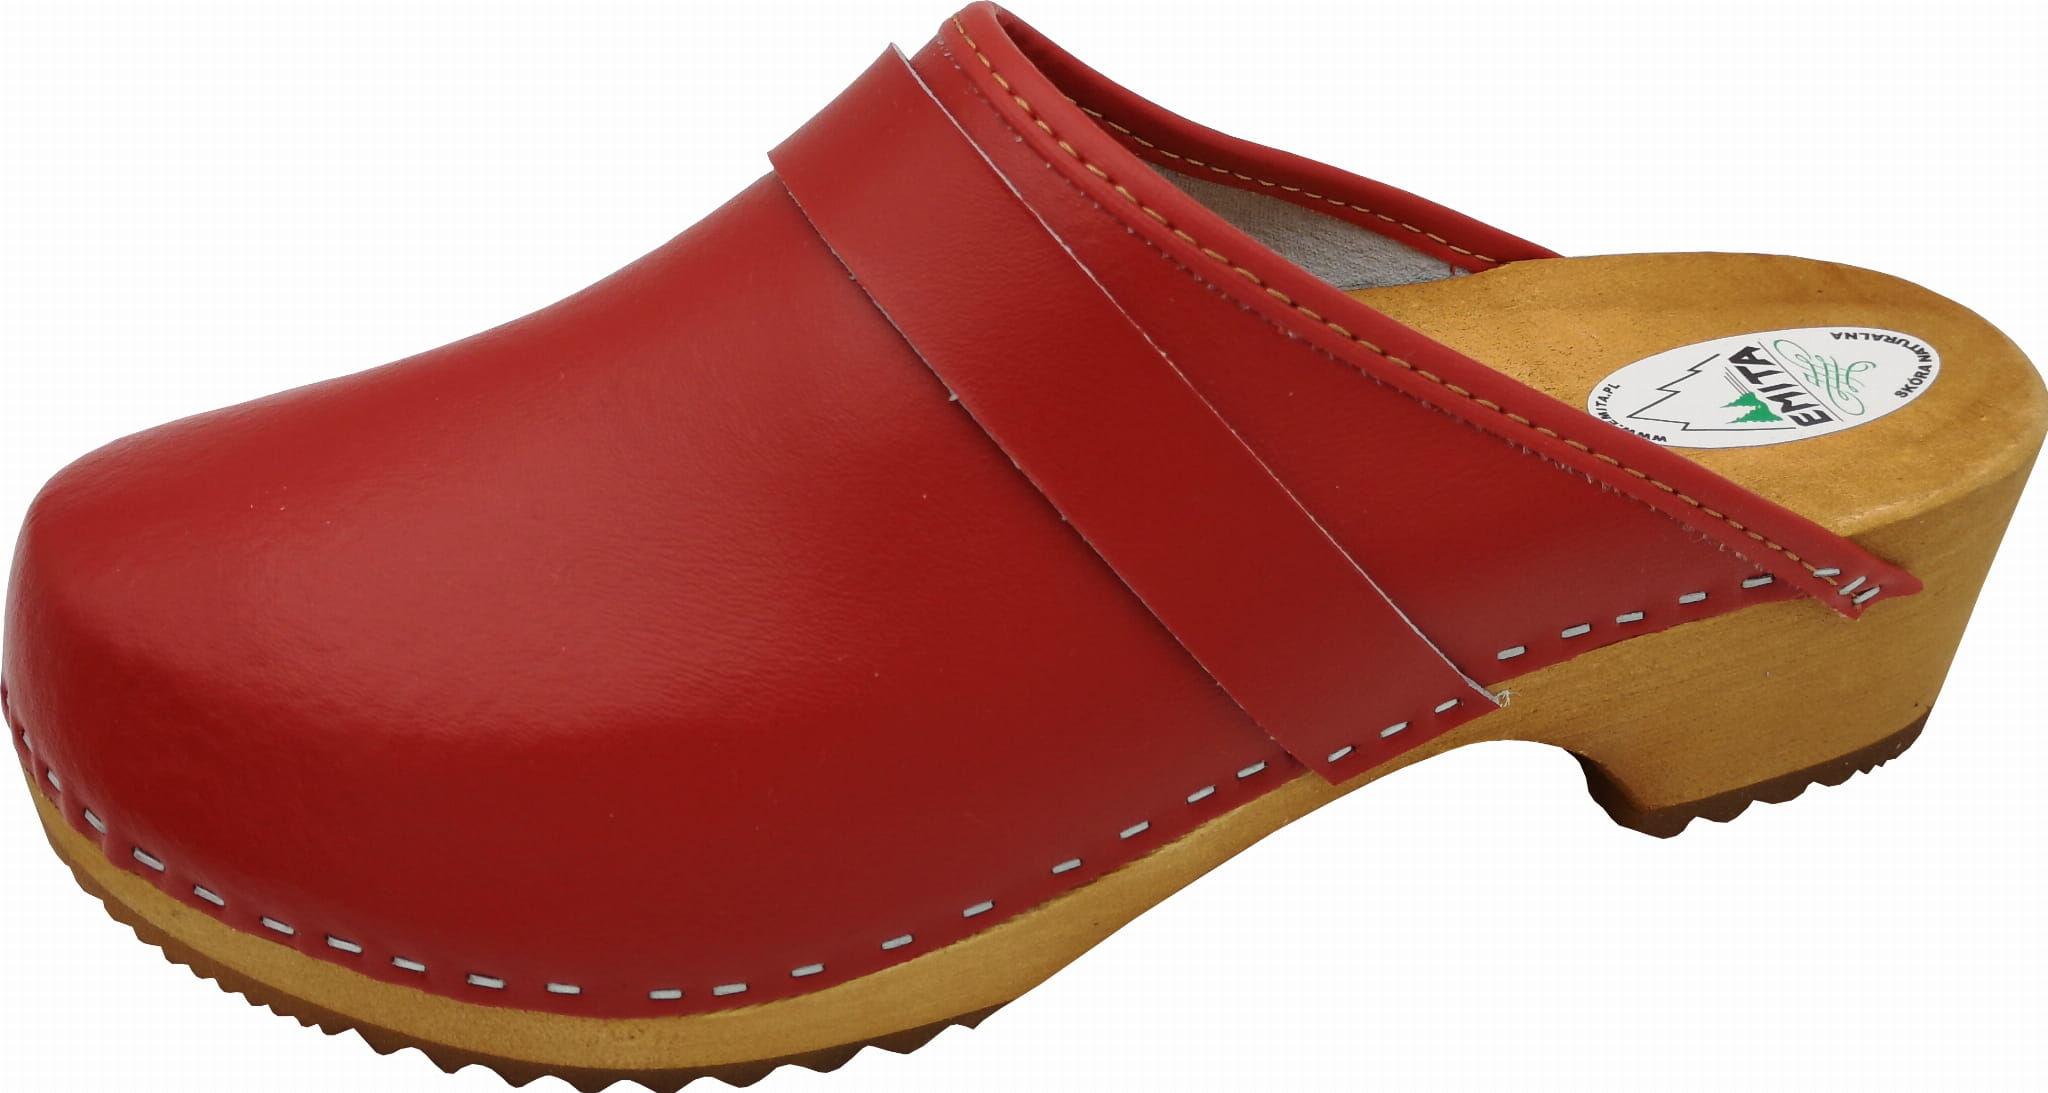 Chodaki czerwone women''s clogs